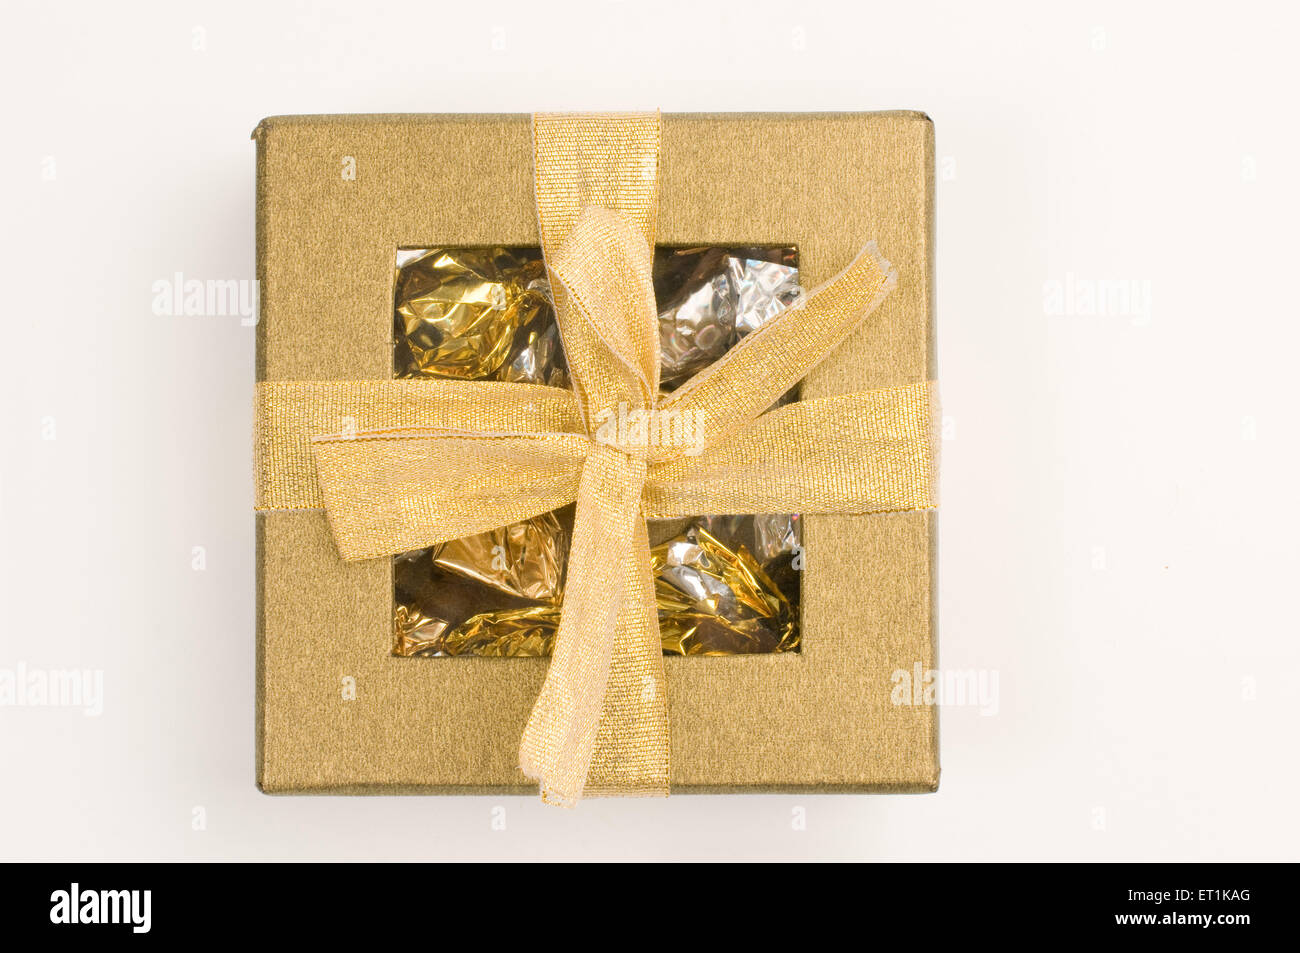 Golden cardboard box Pune Maharashtra India Asia Oct 2011 - Stock Image